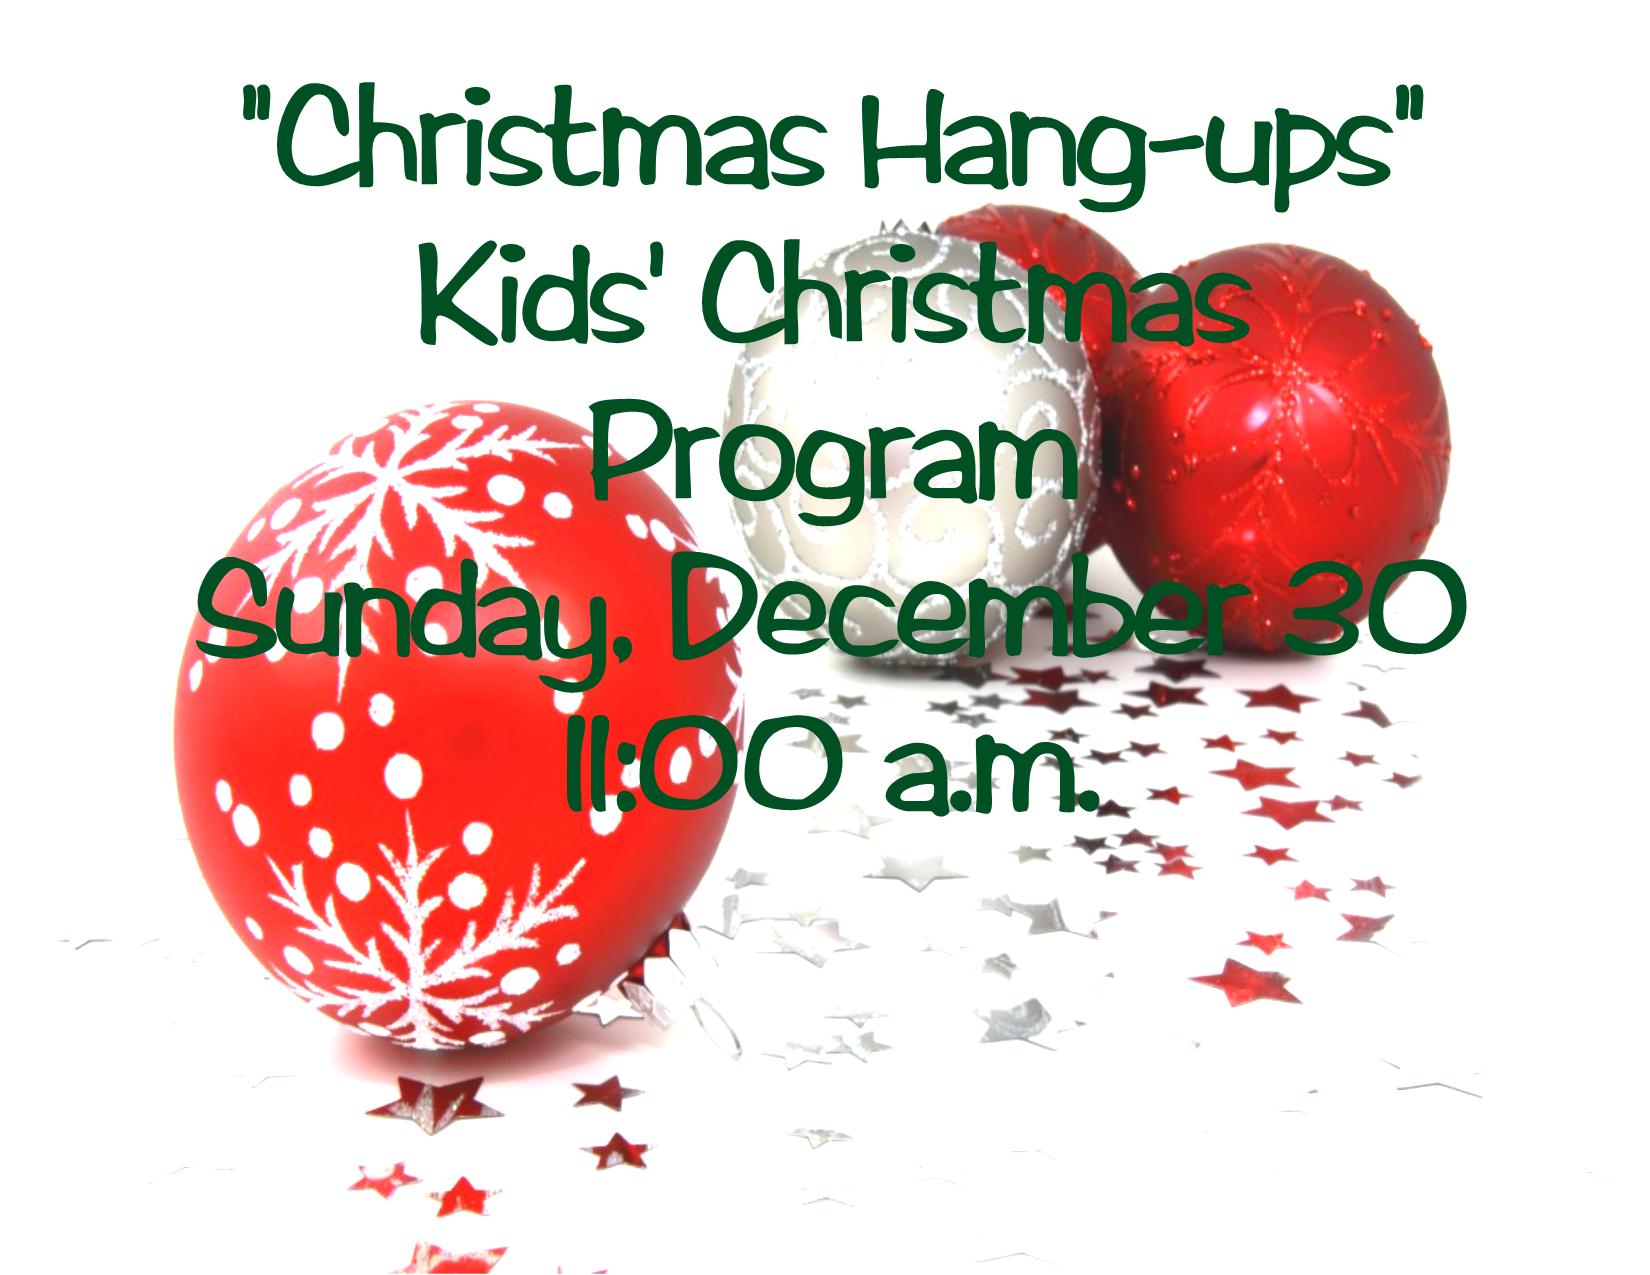 ChristmasHangUpsKidsProgram2018-12-30